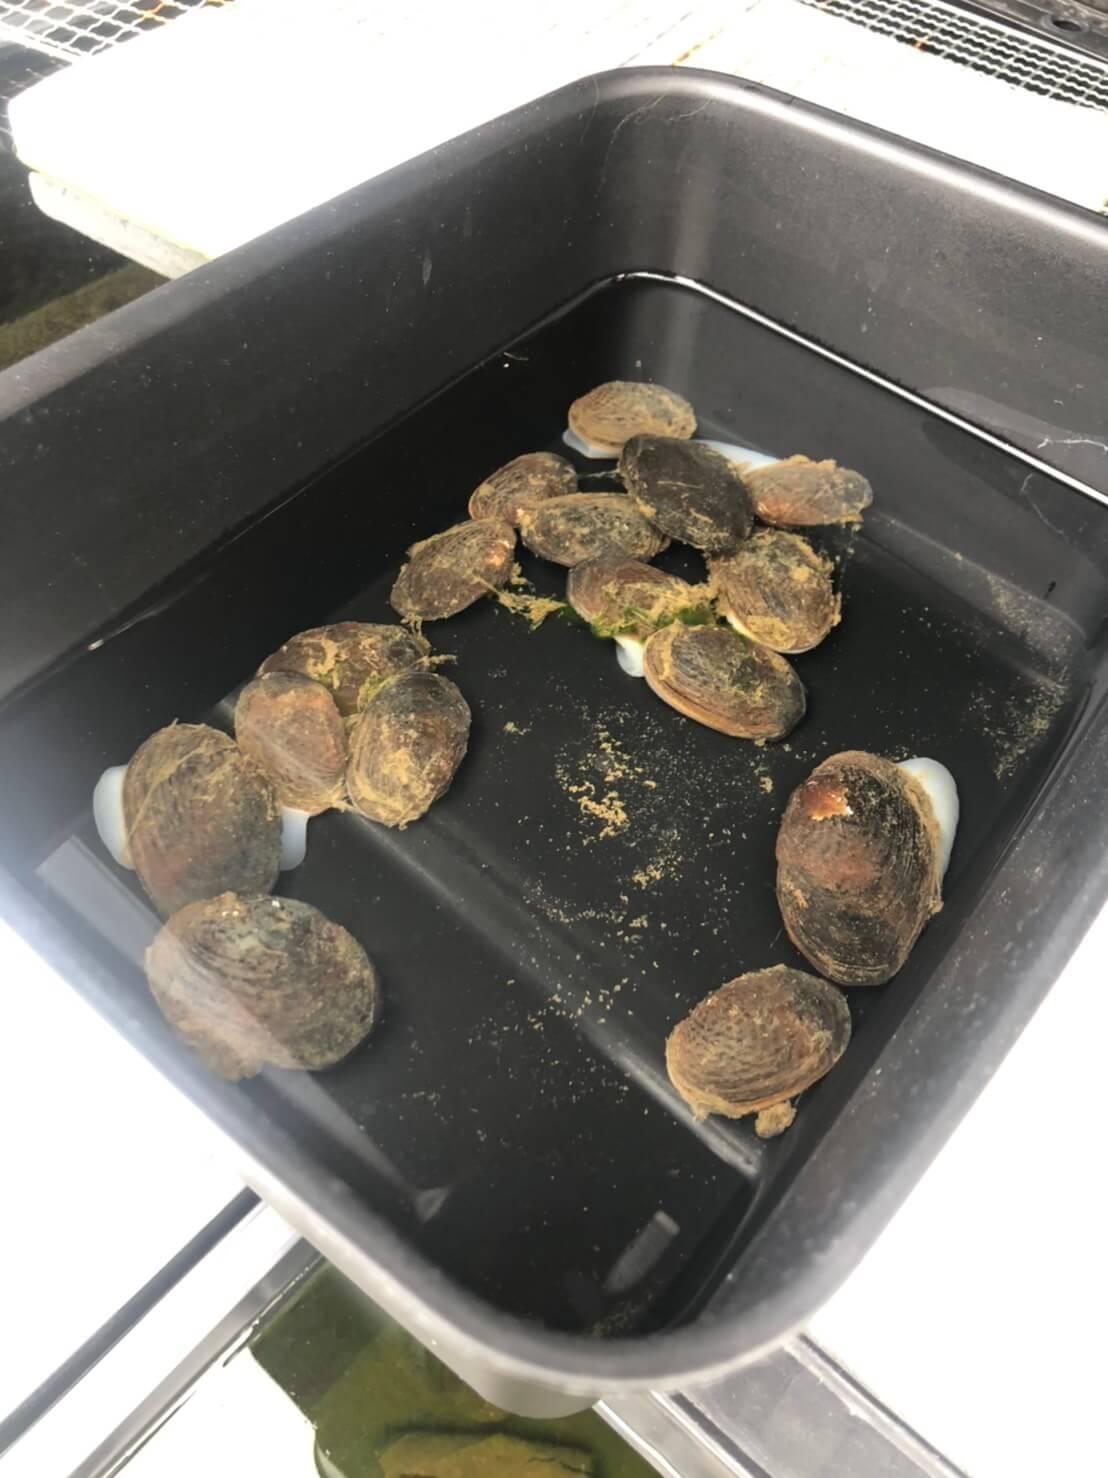 川でのガサガサ活動で捕獲したマツカサ貝